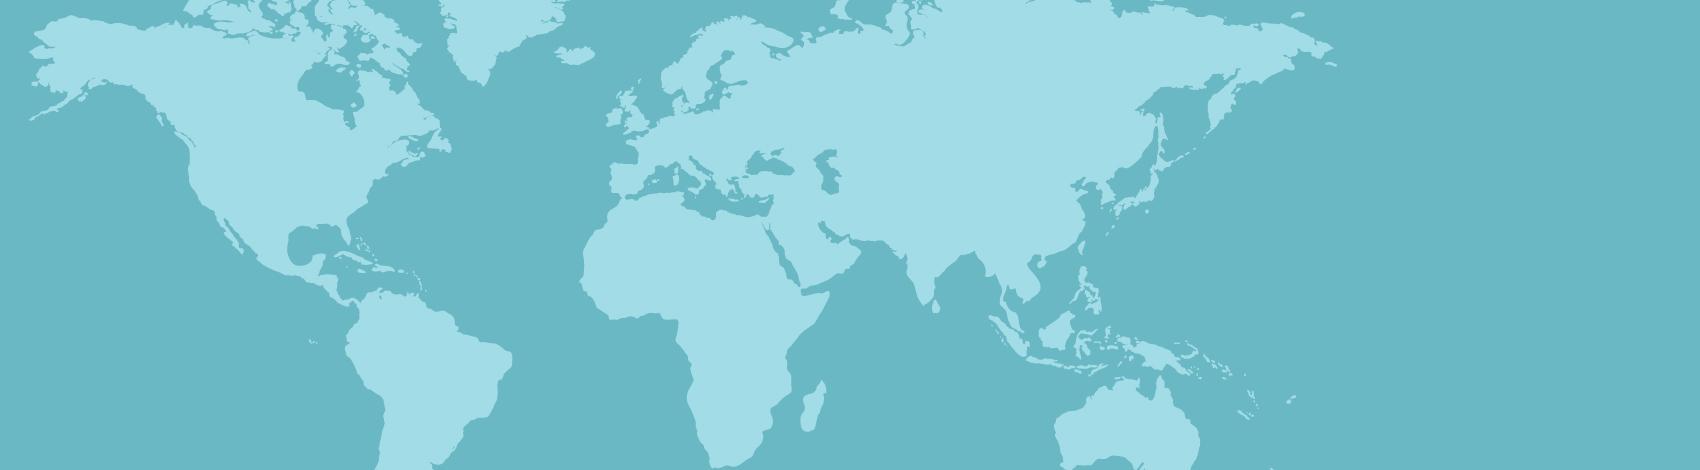 unified energy global